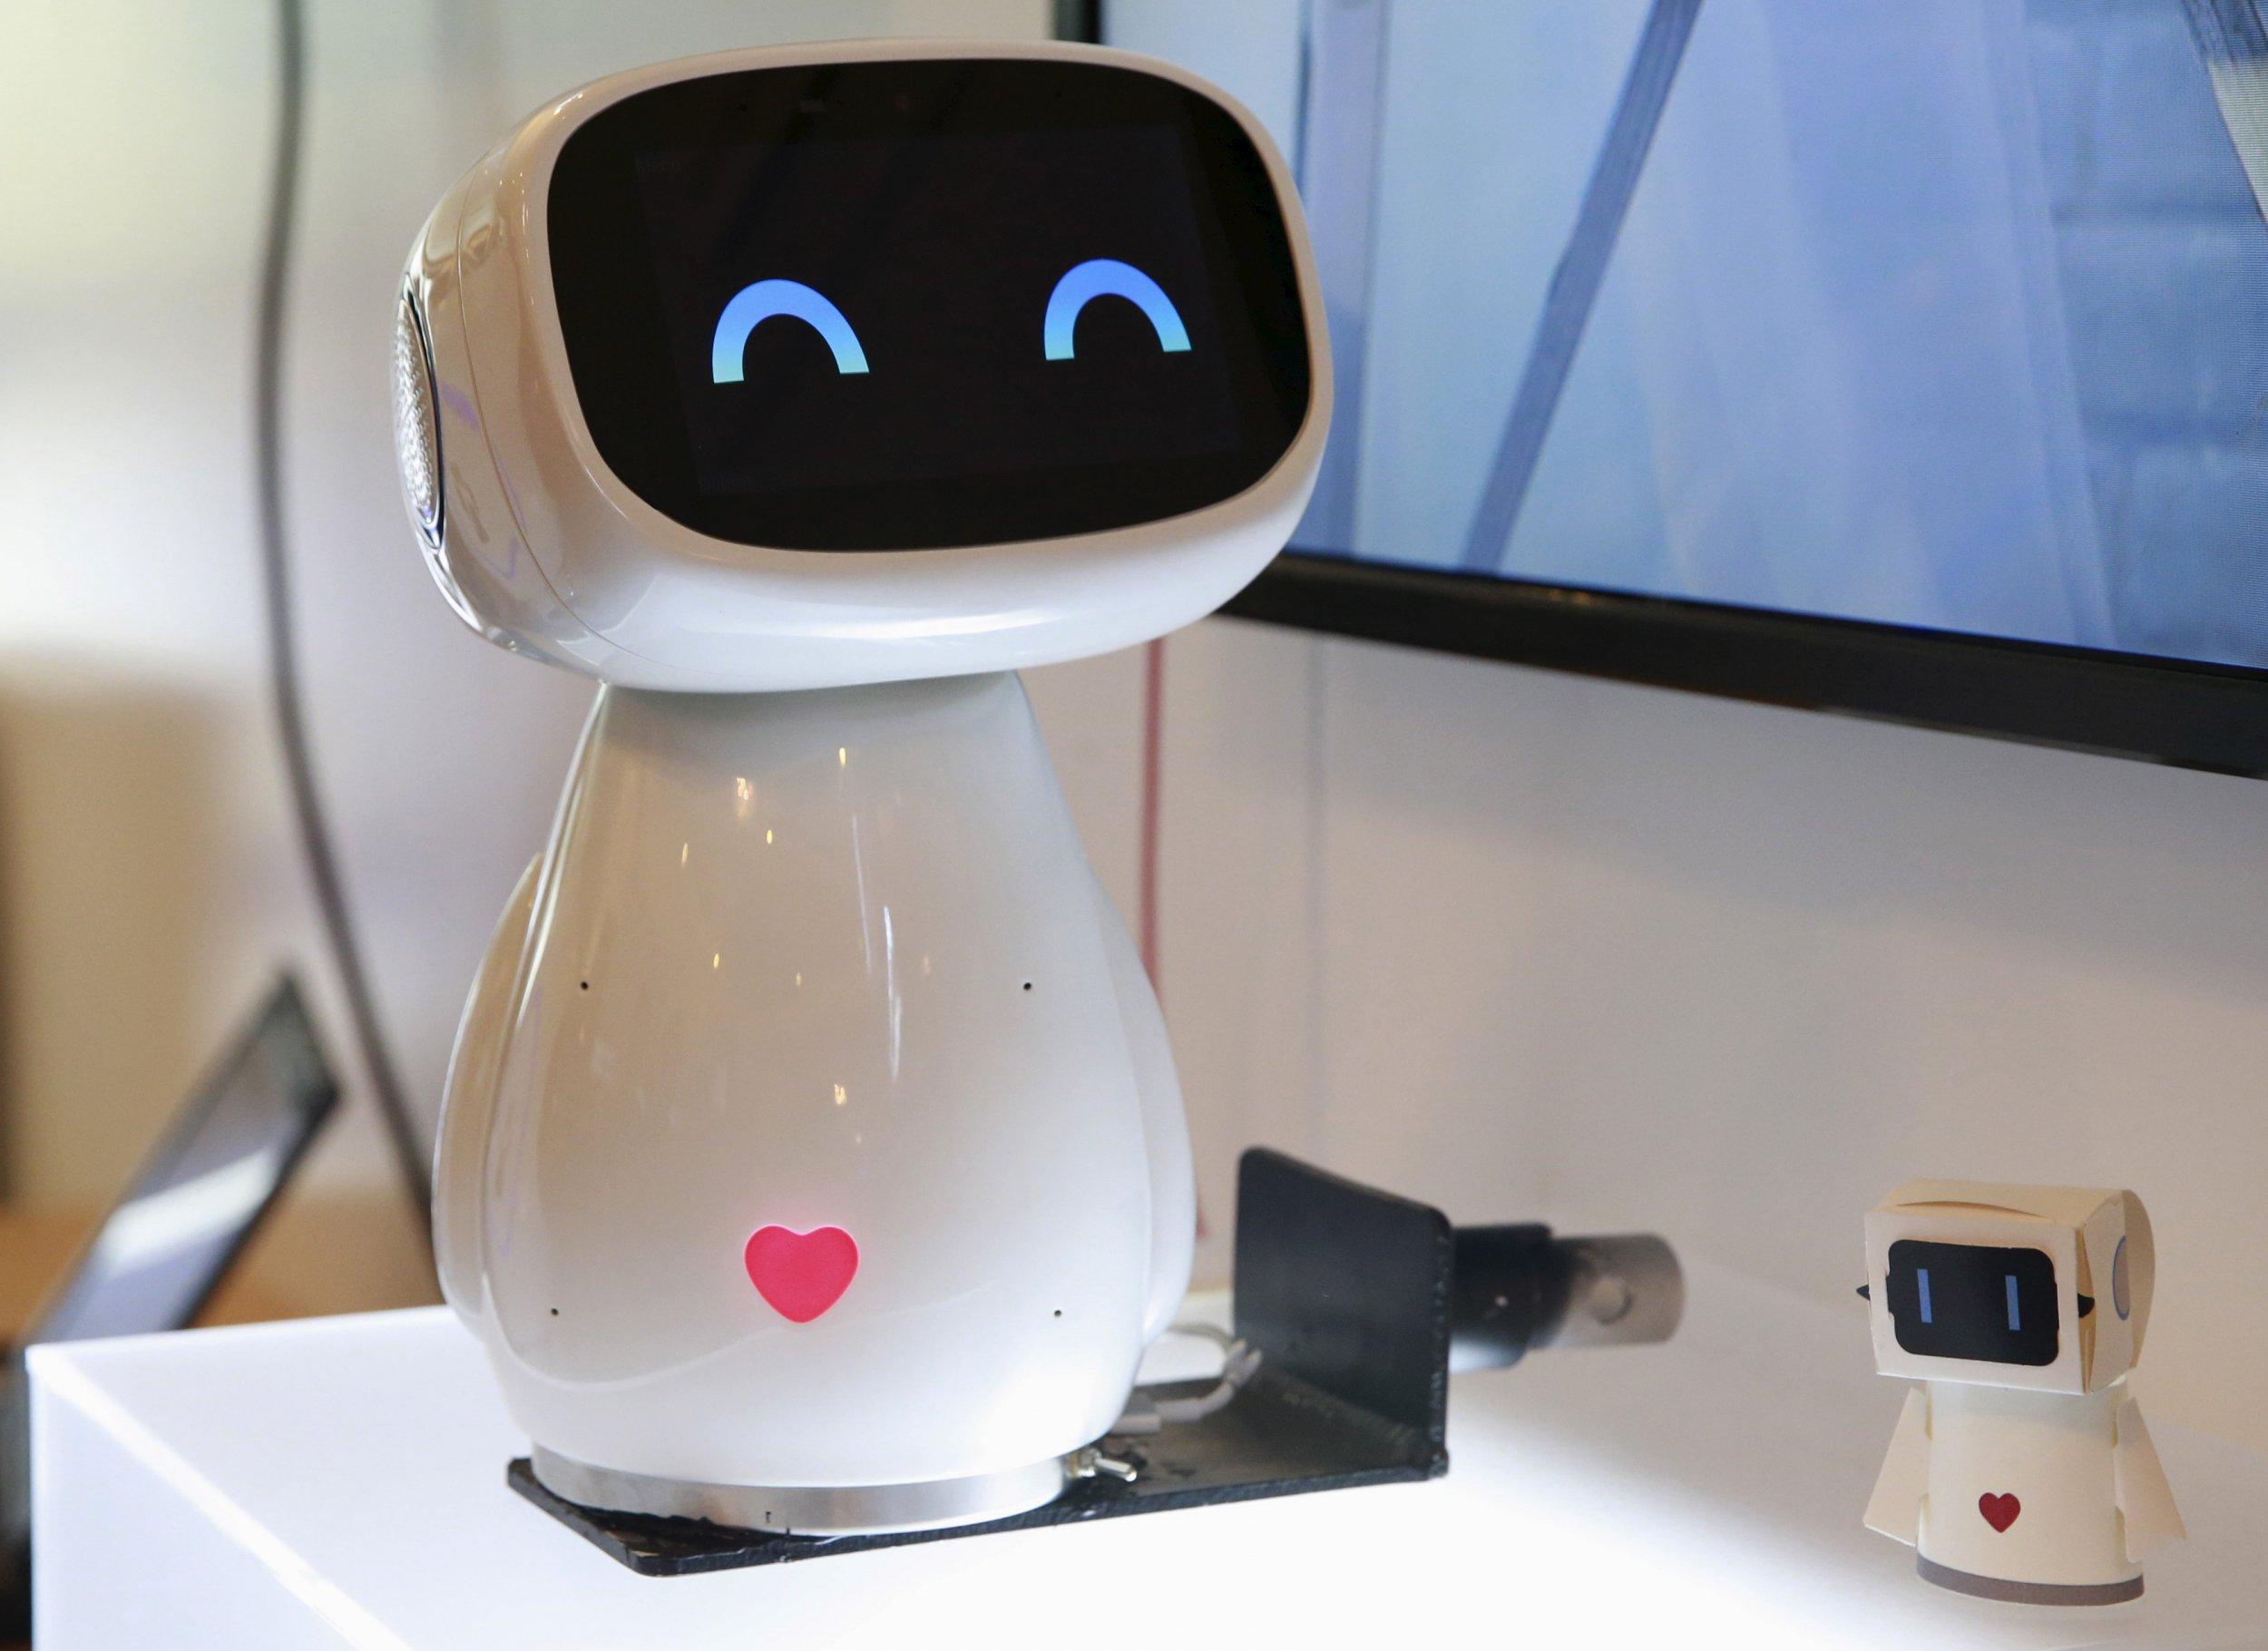 Robots 2015